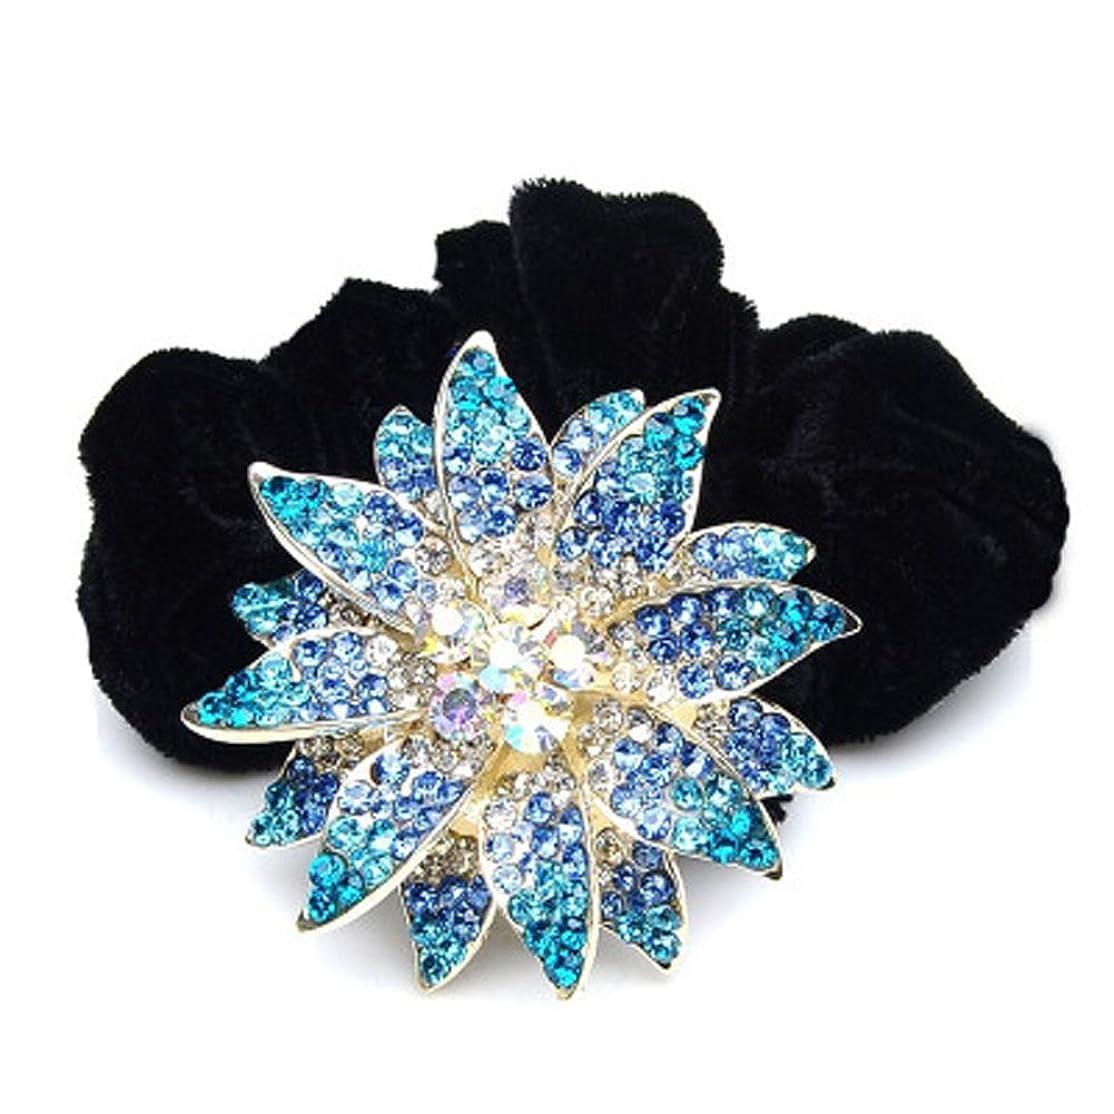 体細胞救急車暖かさ高品位ベルベットリングクリスタルダイヤモンドヘアアクセサリー - スカイブルーの花